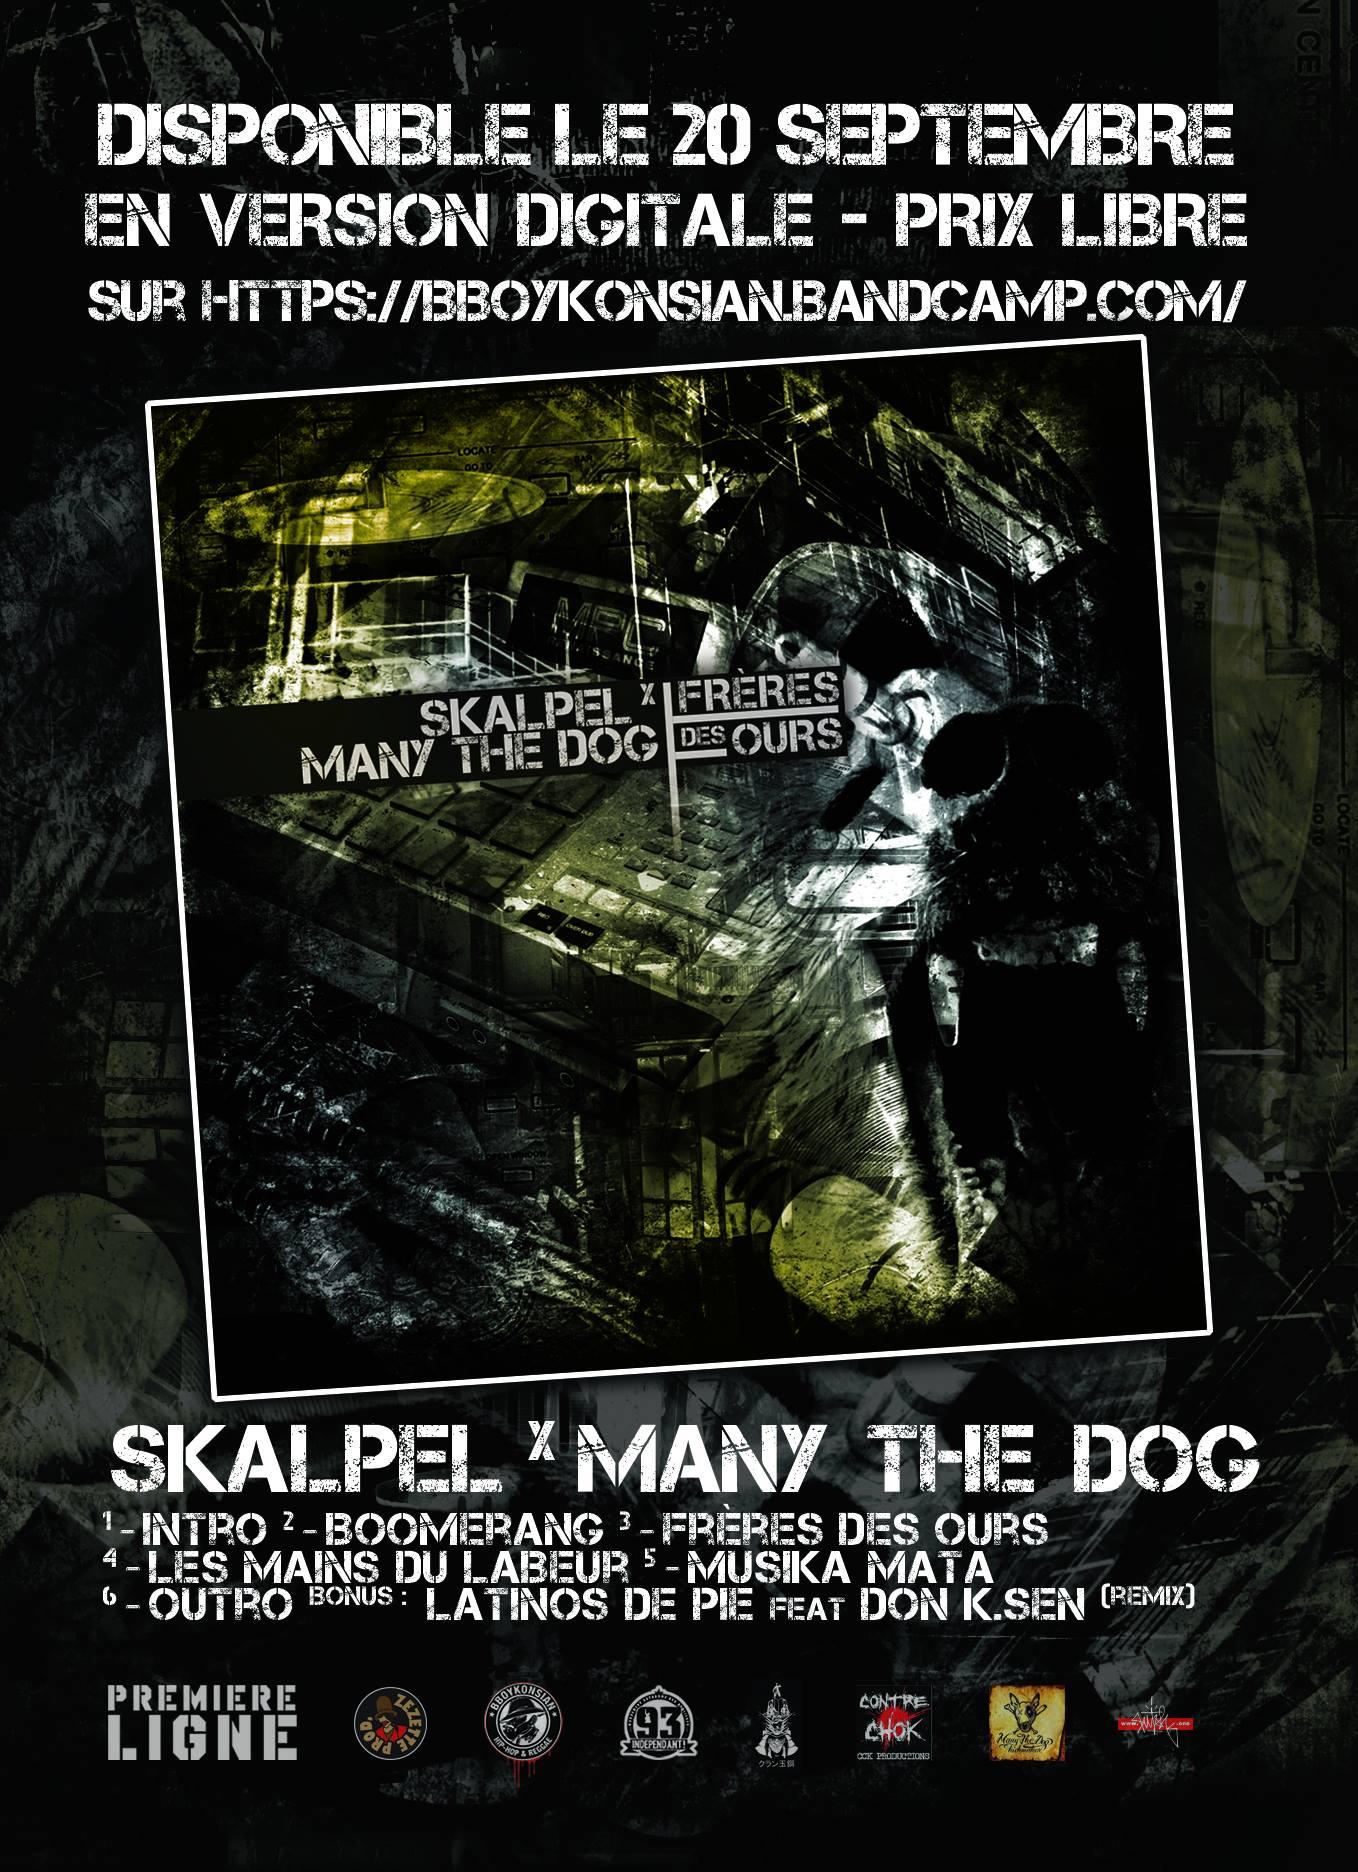 Maxi 'Frères des ours' de Skalpel x Many the Dog disponible le 20 septembre 2016